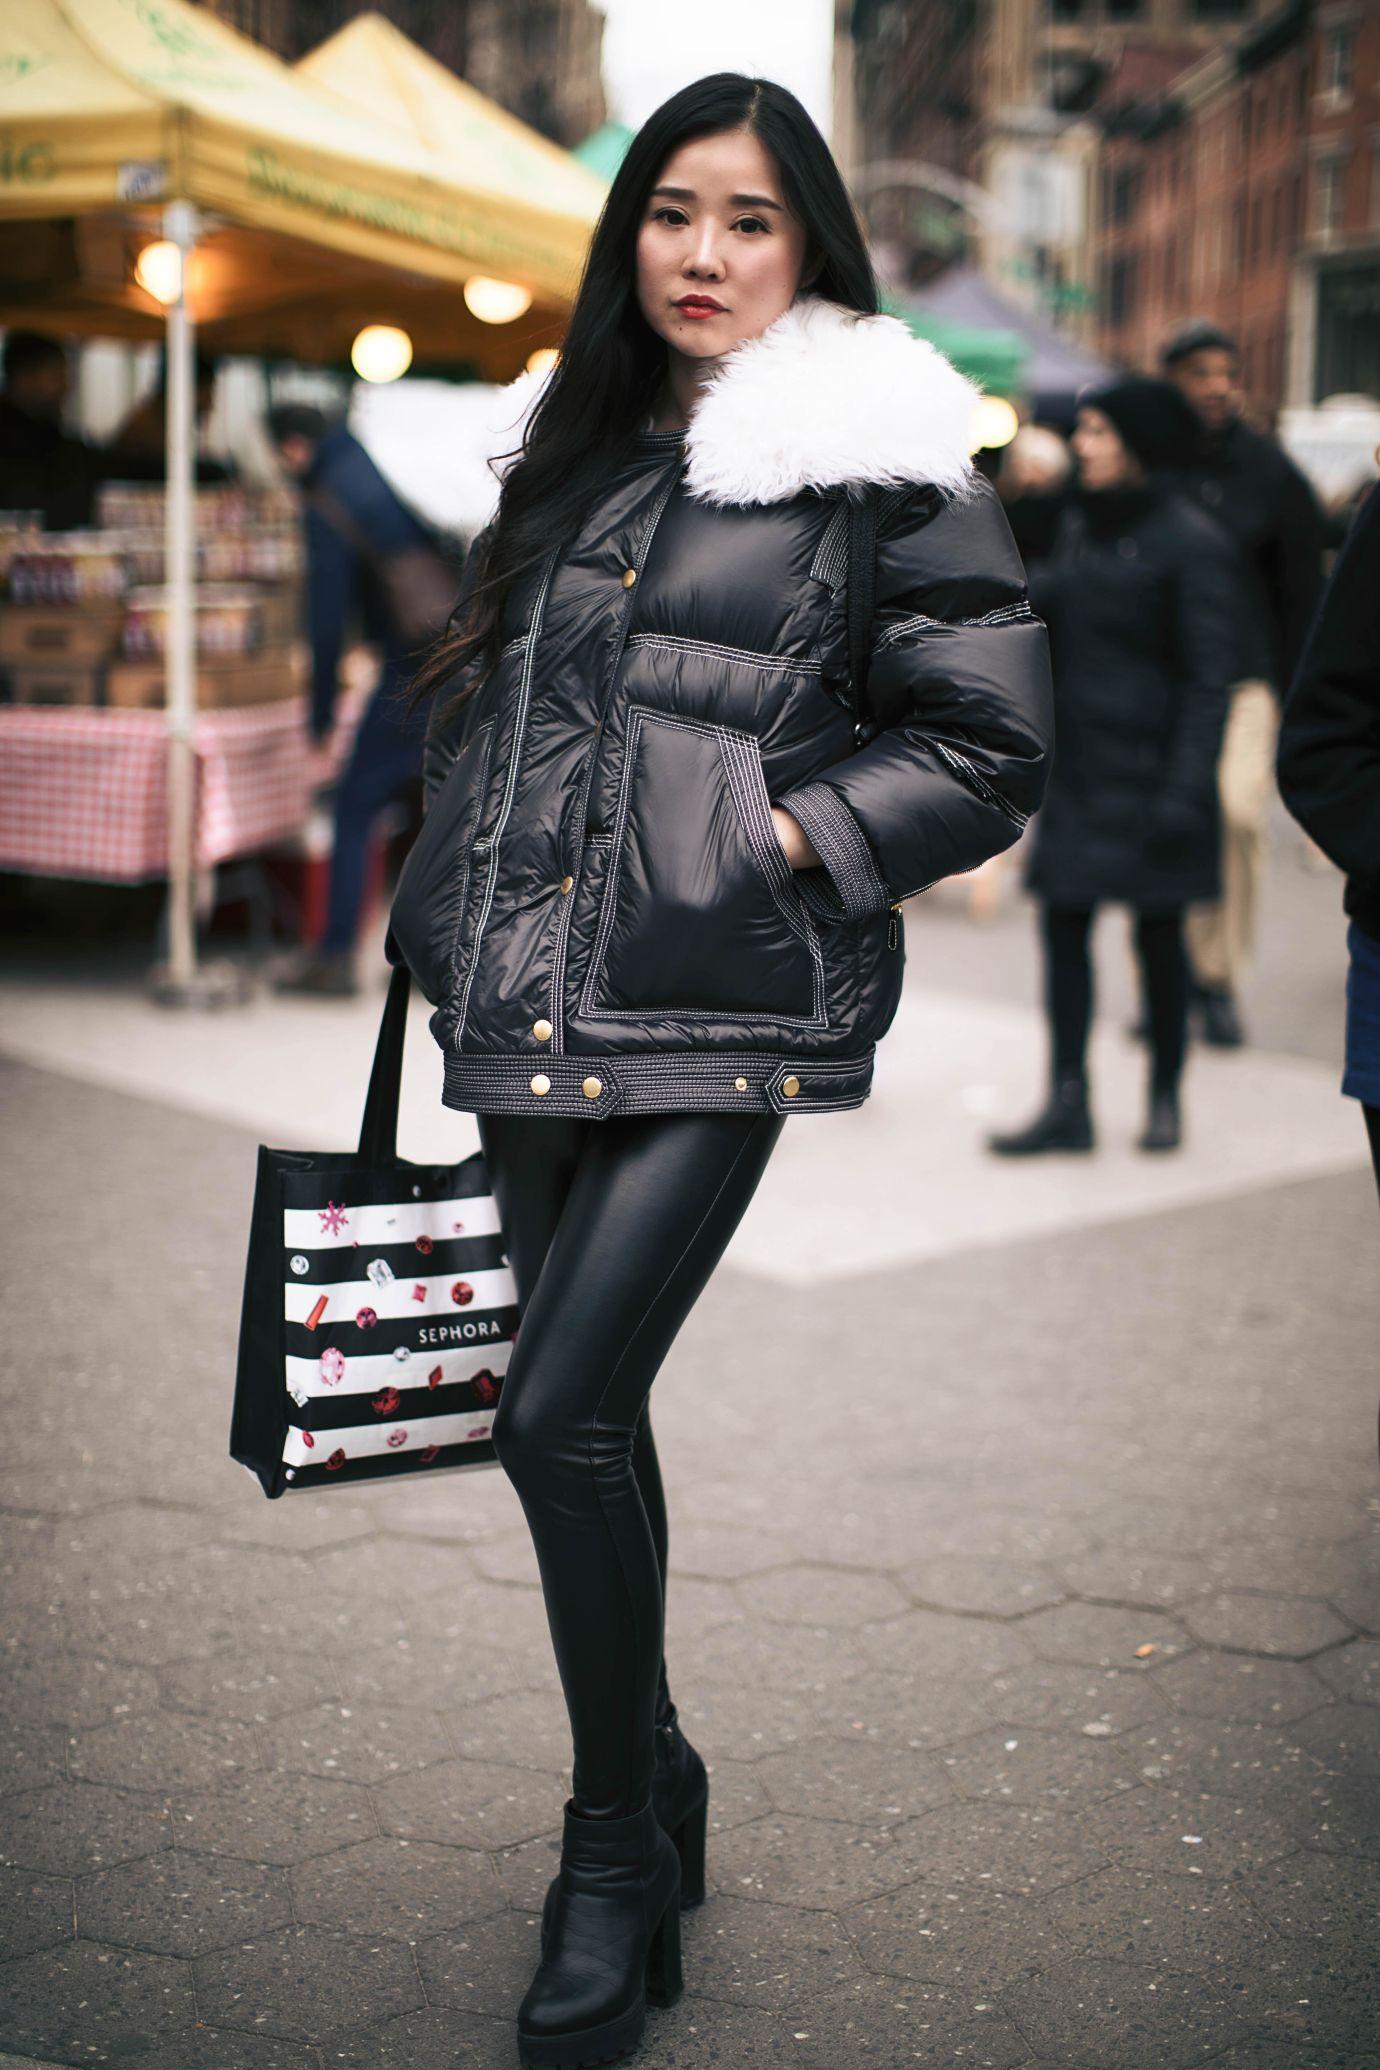 Frau in schwarzen Leggings und Daunenjacke auf Marktplatz